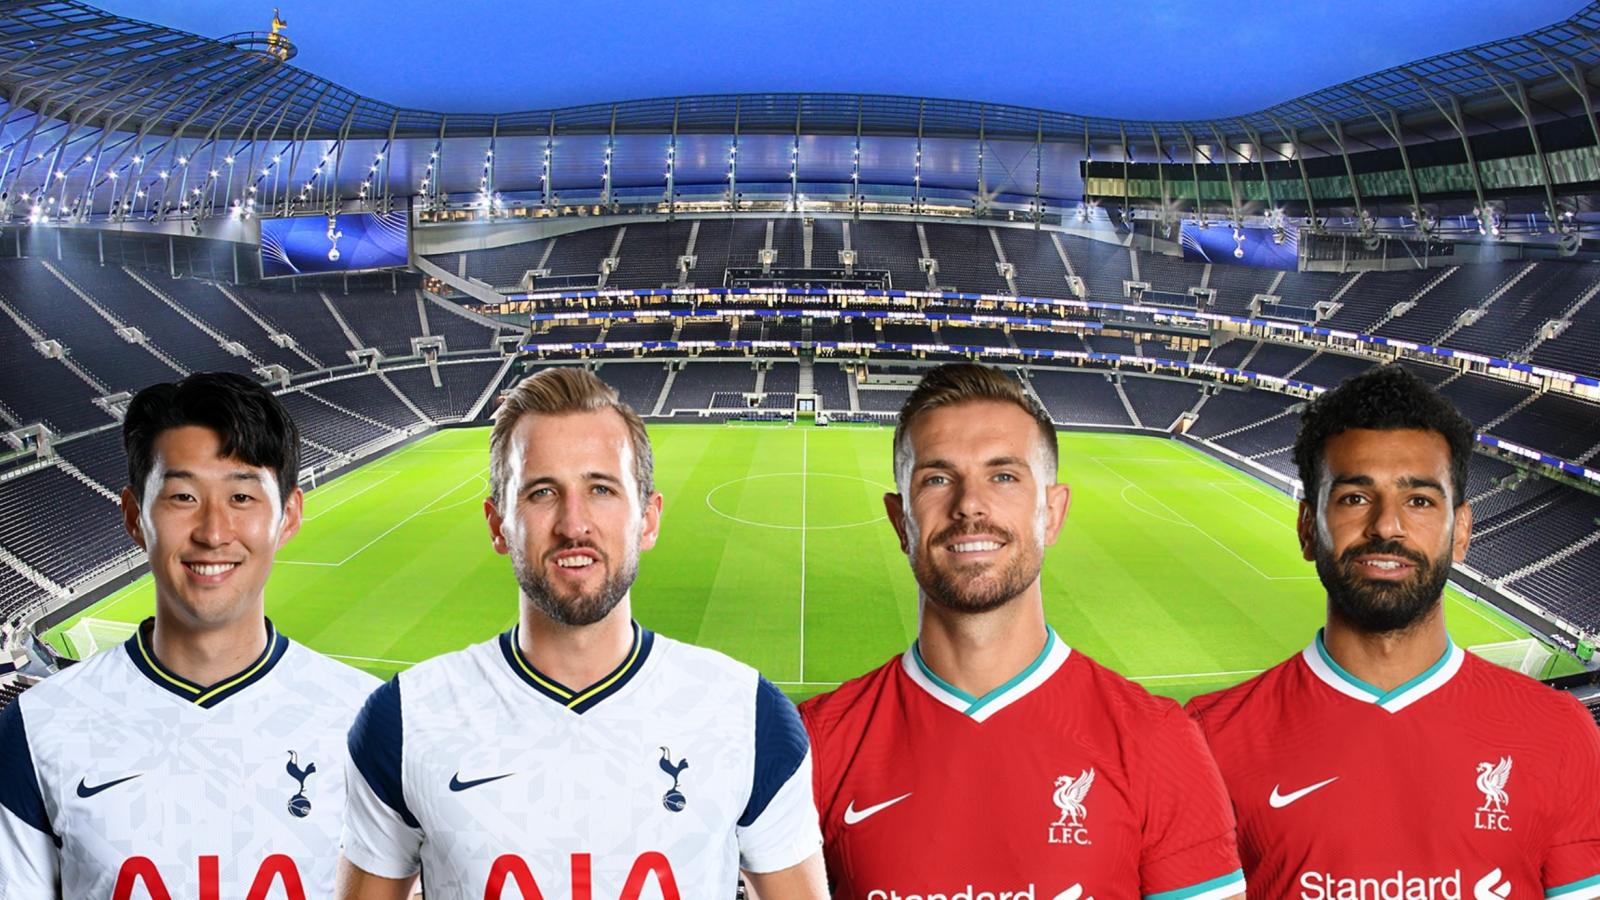 Dự đoán tỷ số, đội hình xuất phát trận Tottenham - Liverpool